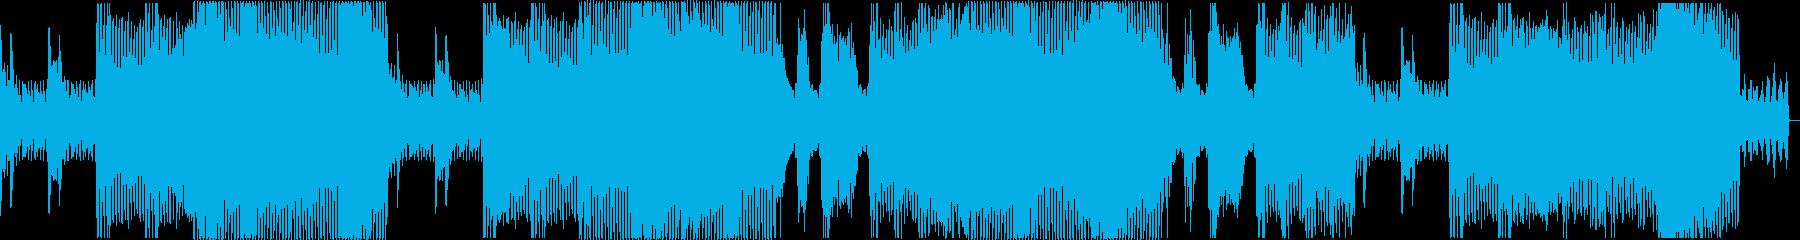 さっぱりとしたテクノの再生済みの波形